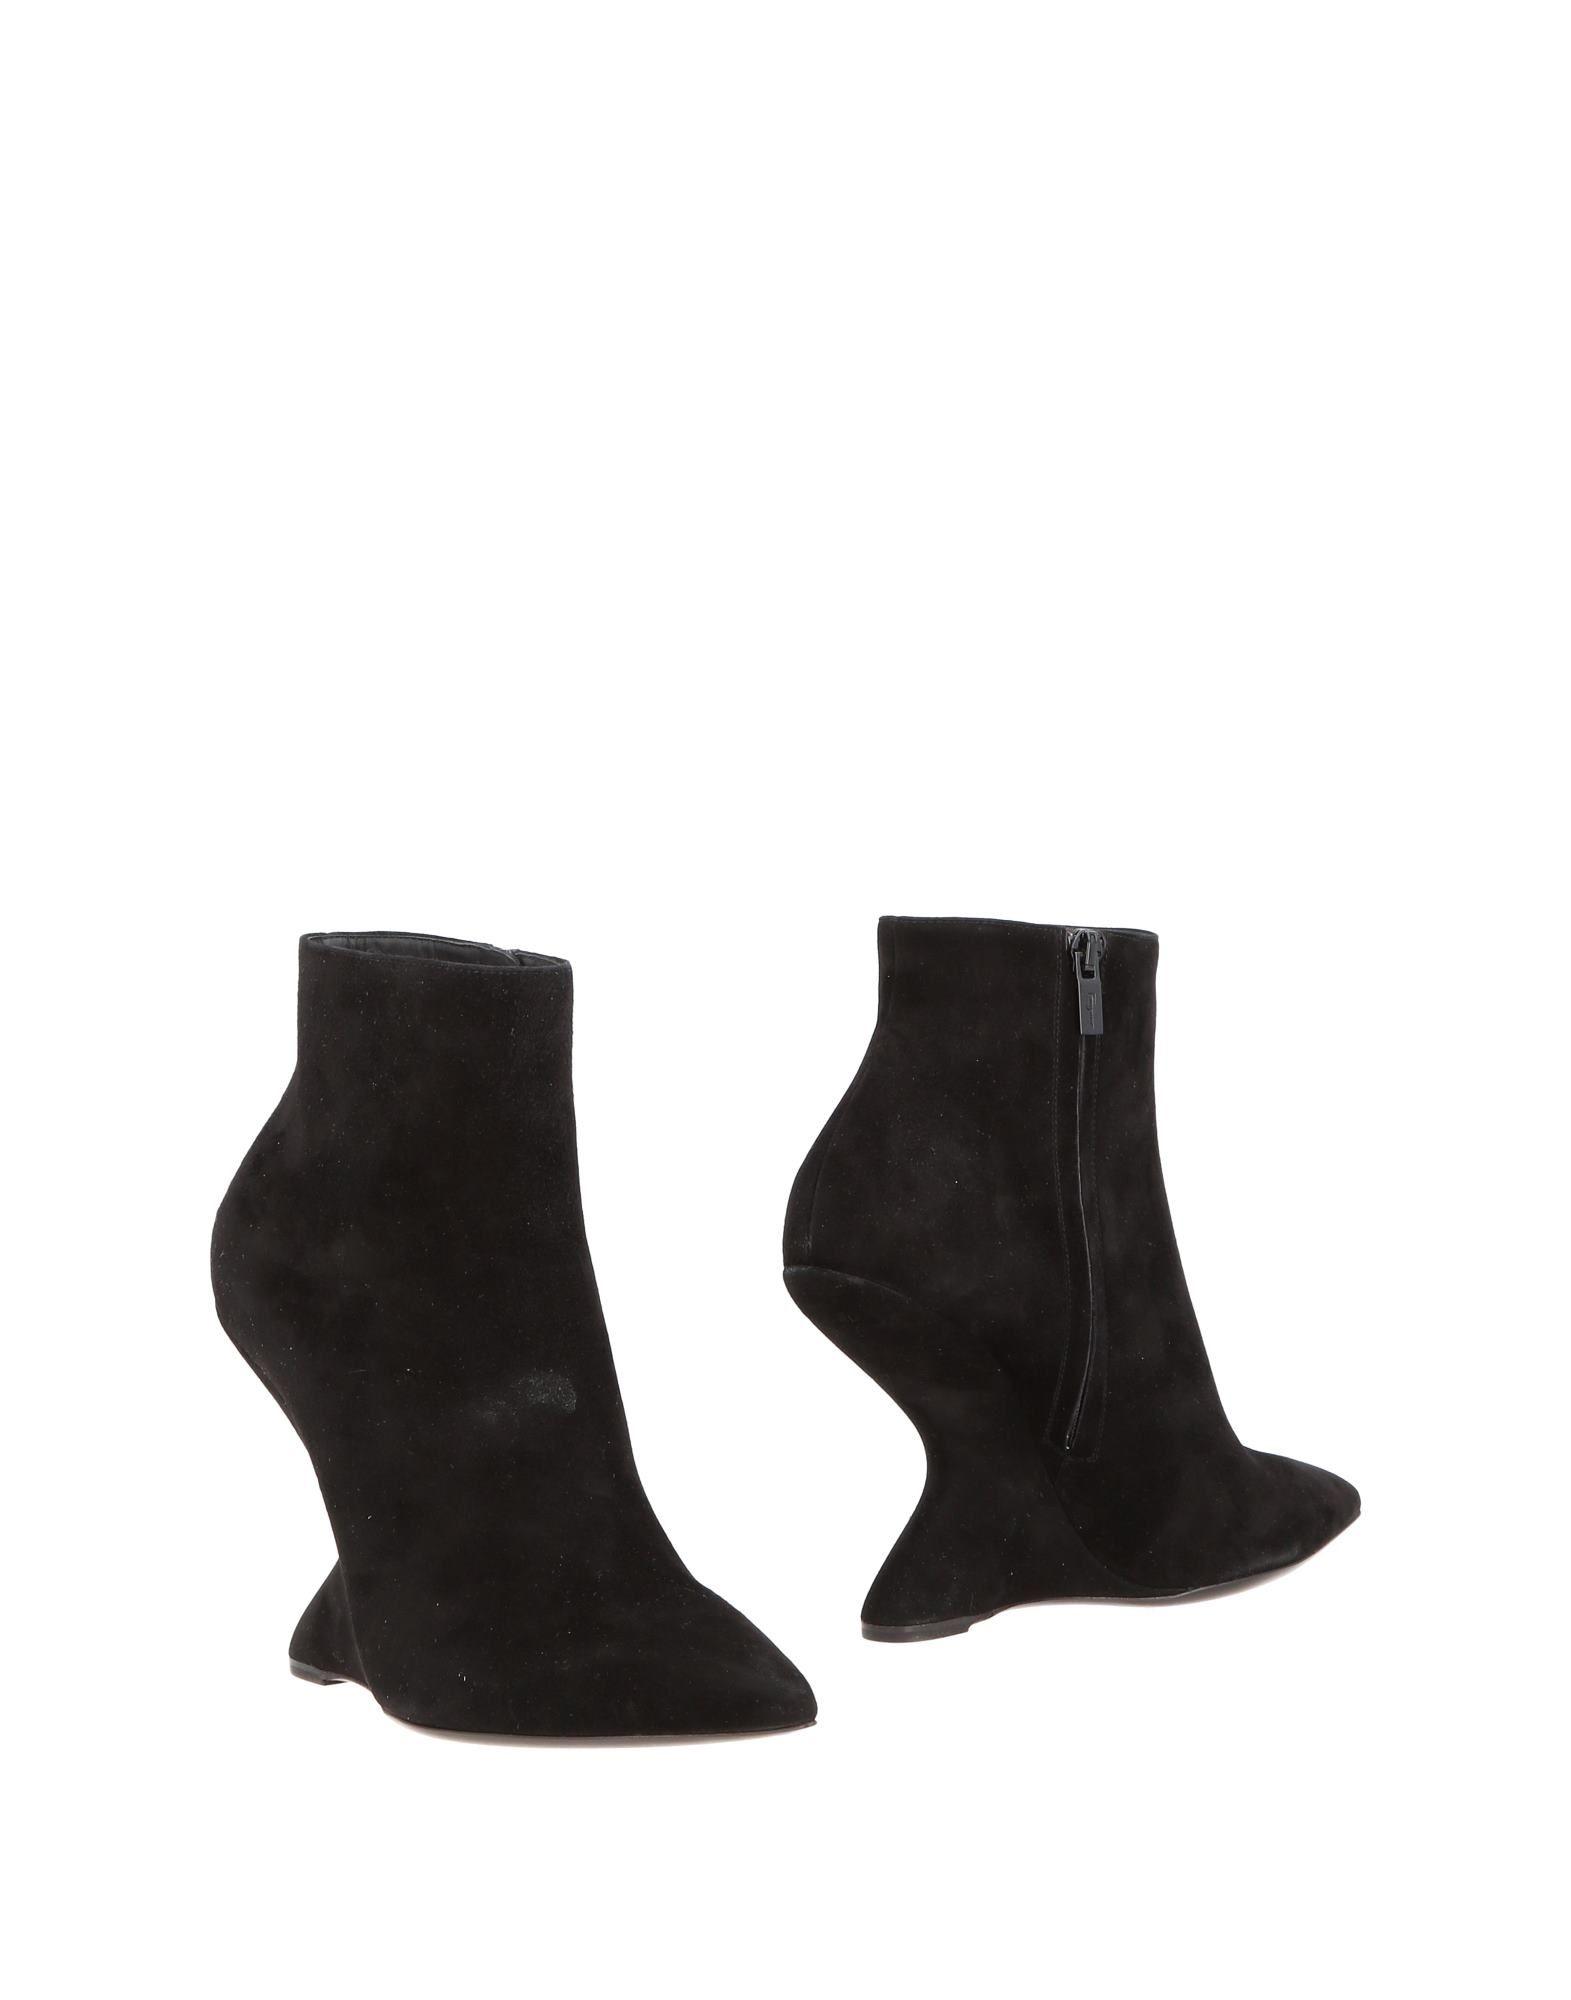 Salvatore Ferragamo Stiefelette Damen  11497659WOGünstige gut aussehende Schuhe